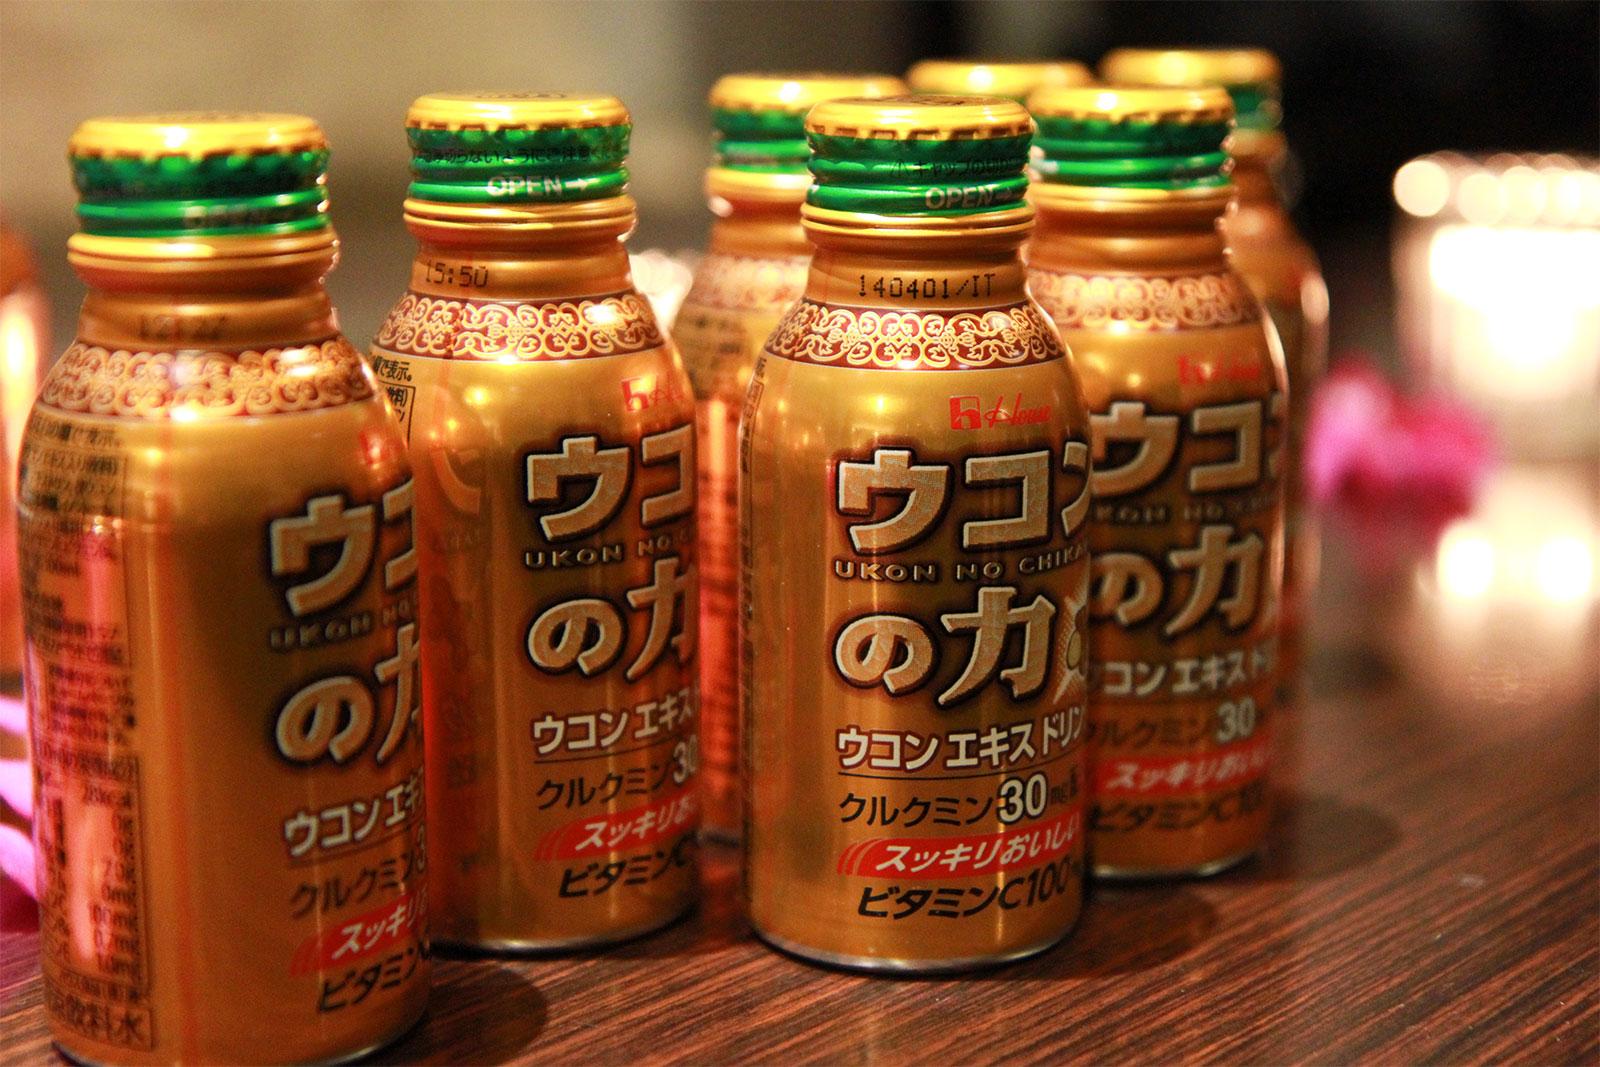 Nước Uống Giải Rượu Tinh Nghệ Ukon No Chikara Nhật Bản